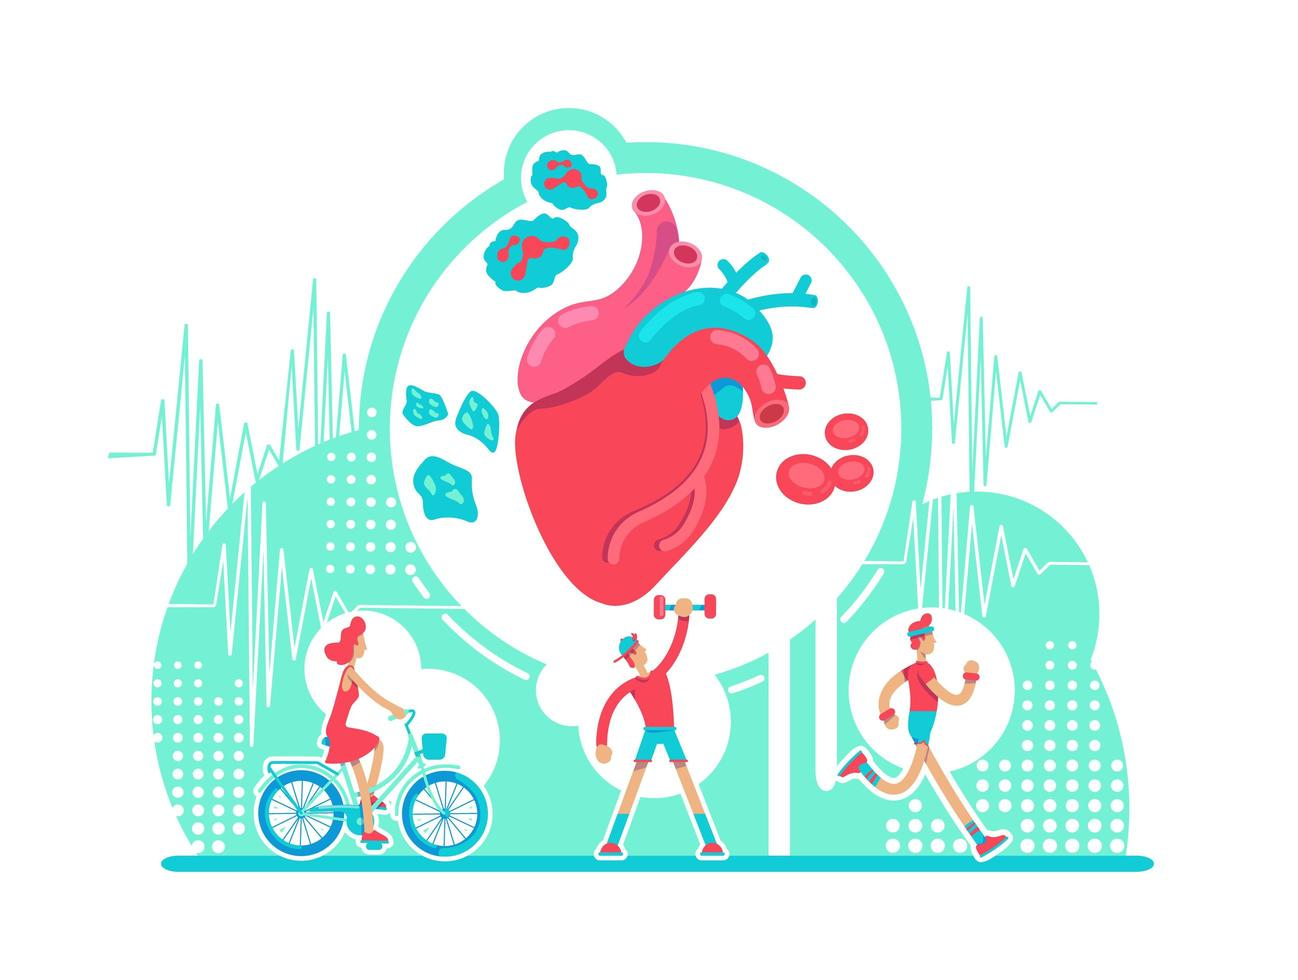 cuidado de la salud del sistema cardiovascular vector